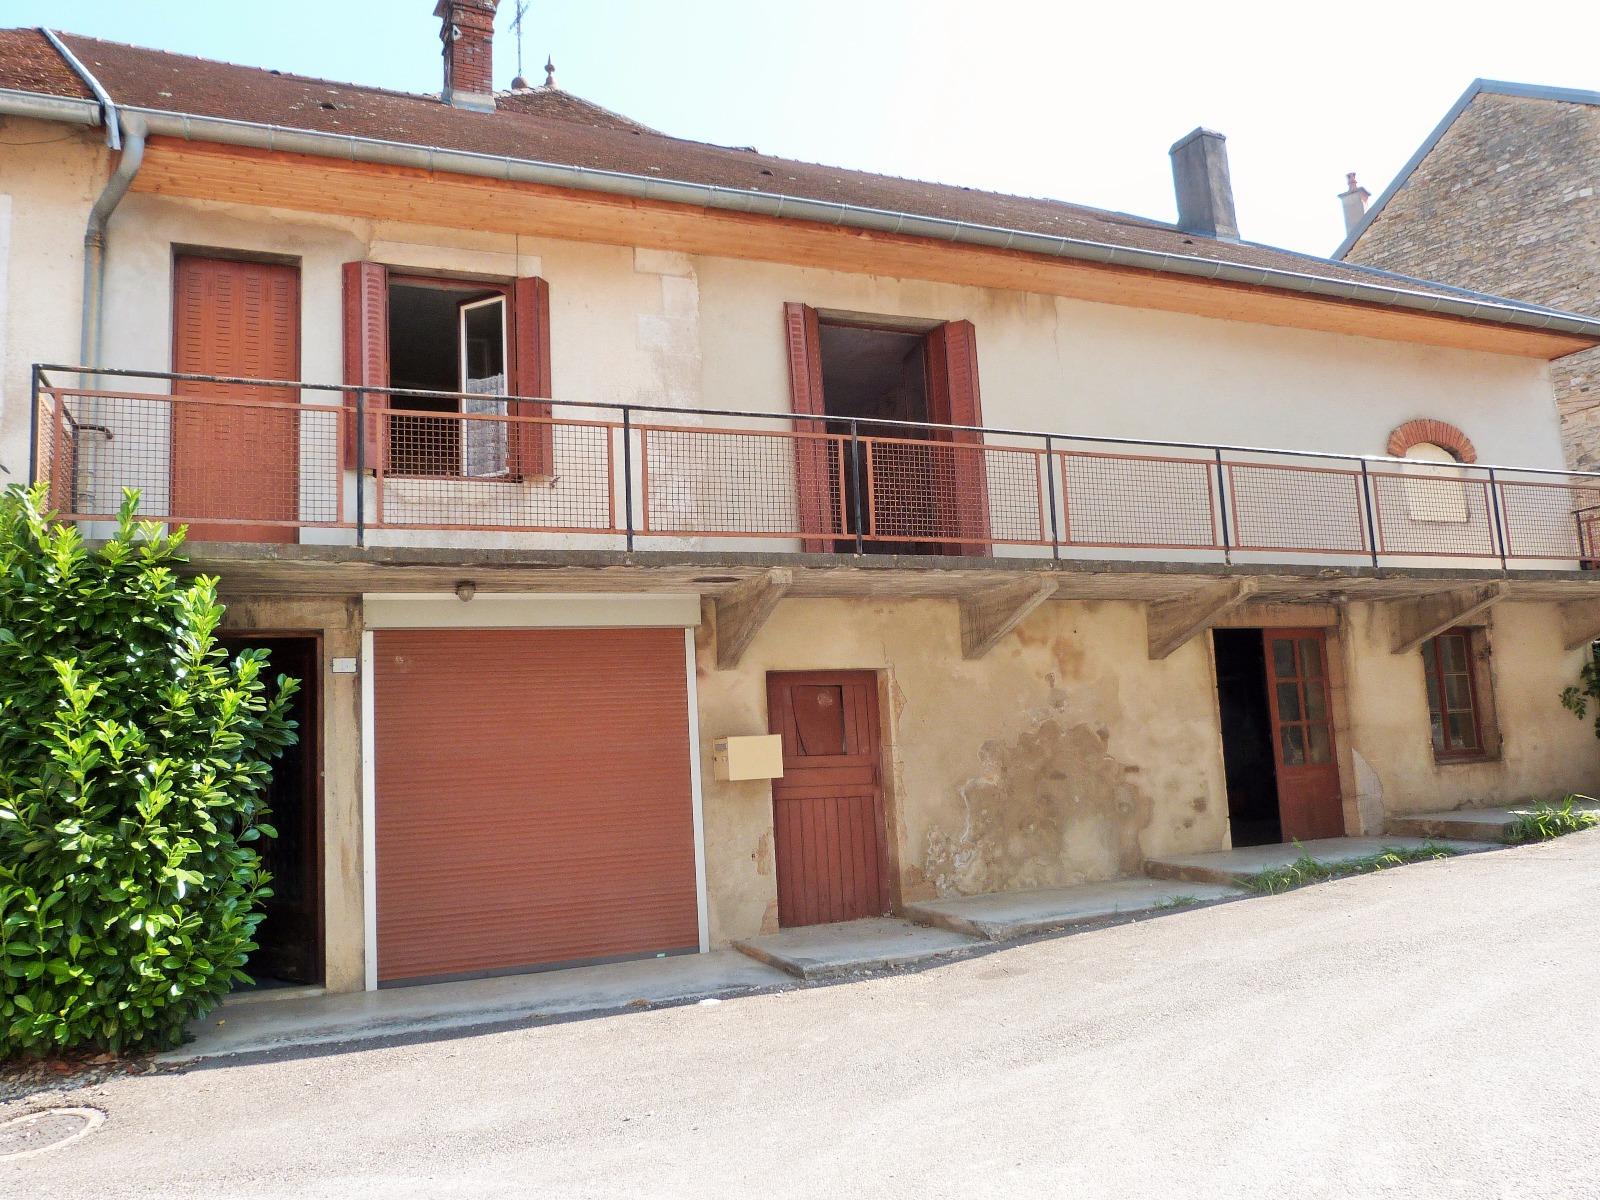 Lons le saunier 11km vends maison r nover 1er tage appartement rez de chauss e atelier - Frais de notaire achat garage ...